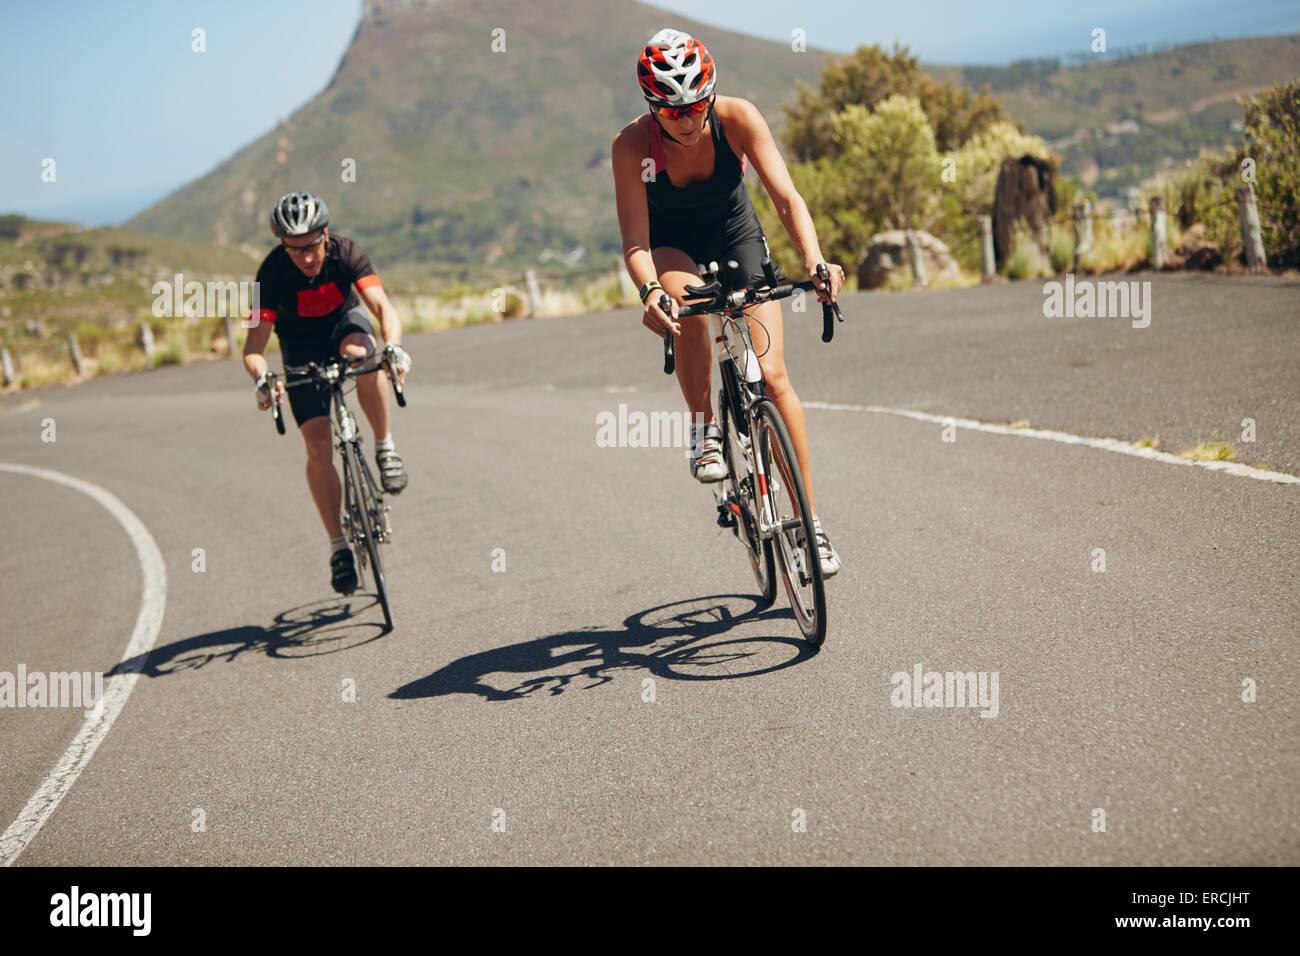 Ciclista equitazione biciclette su strada aperta. Triatleti escursioni in bicicletta giù per la collina su Immagini Stock